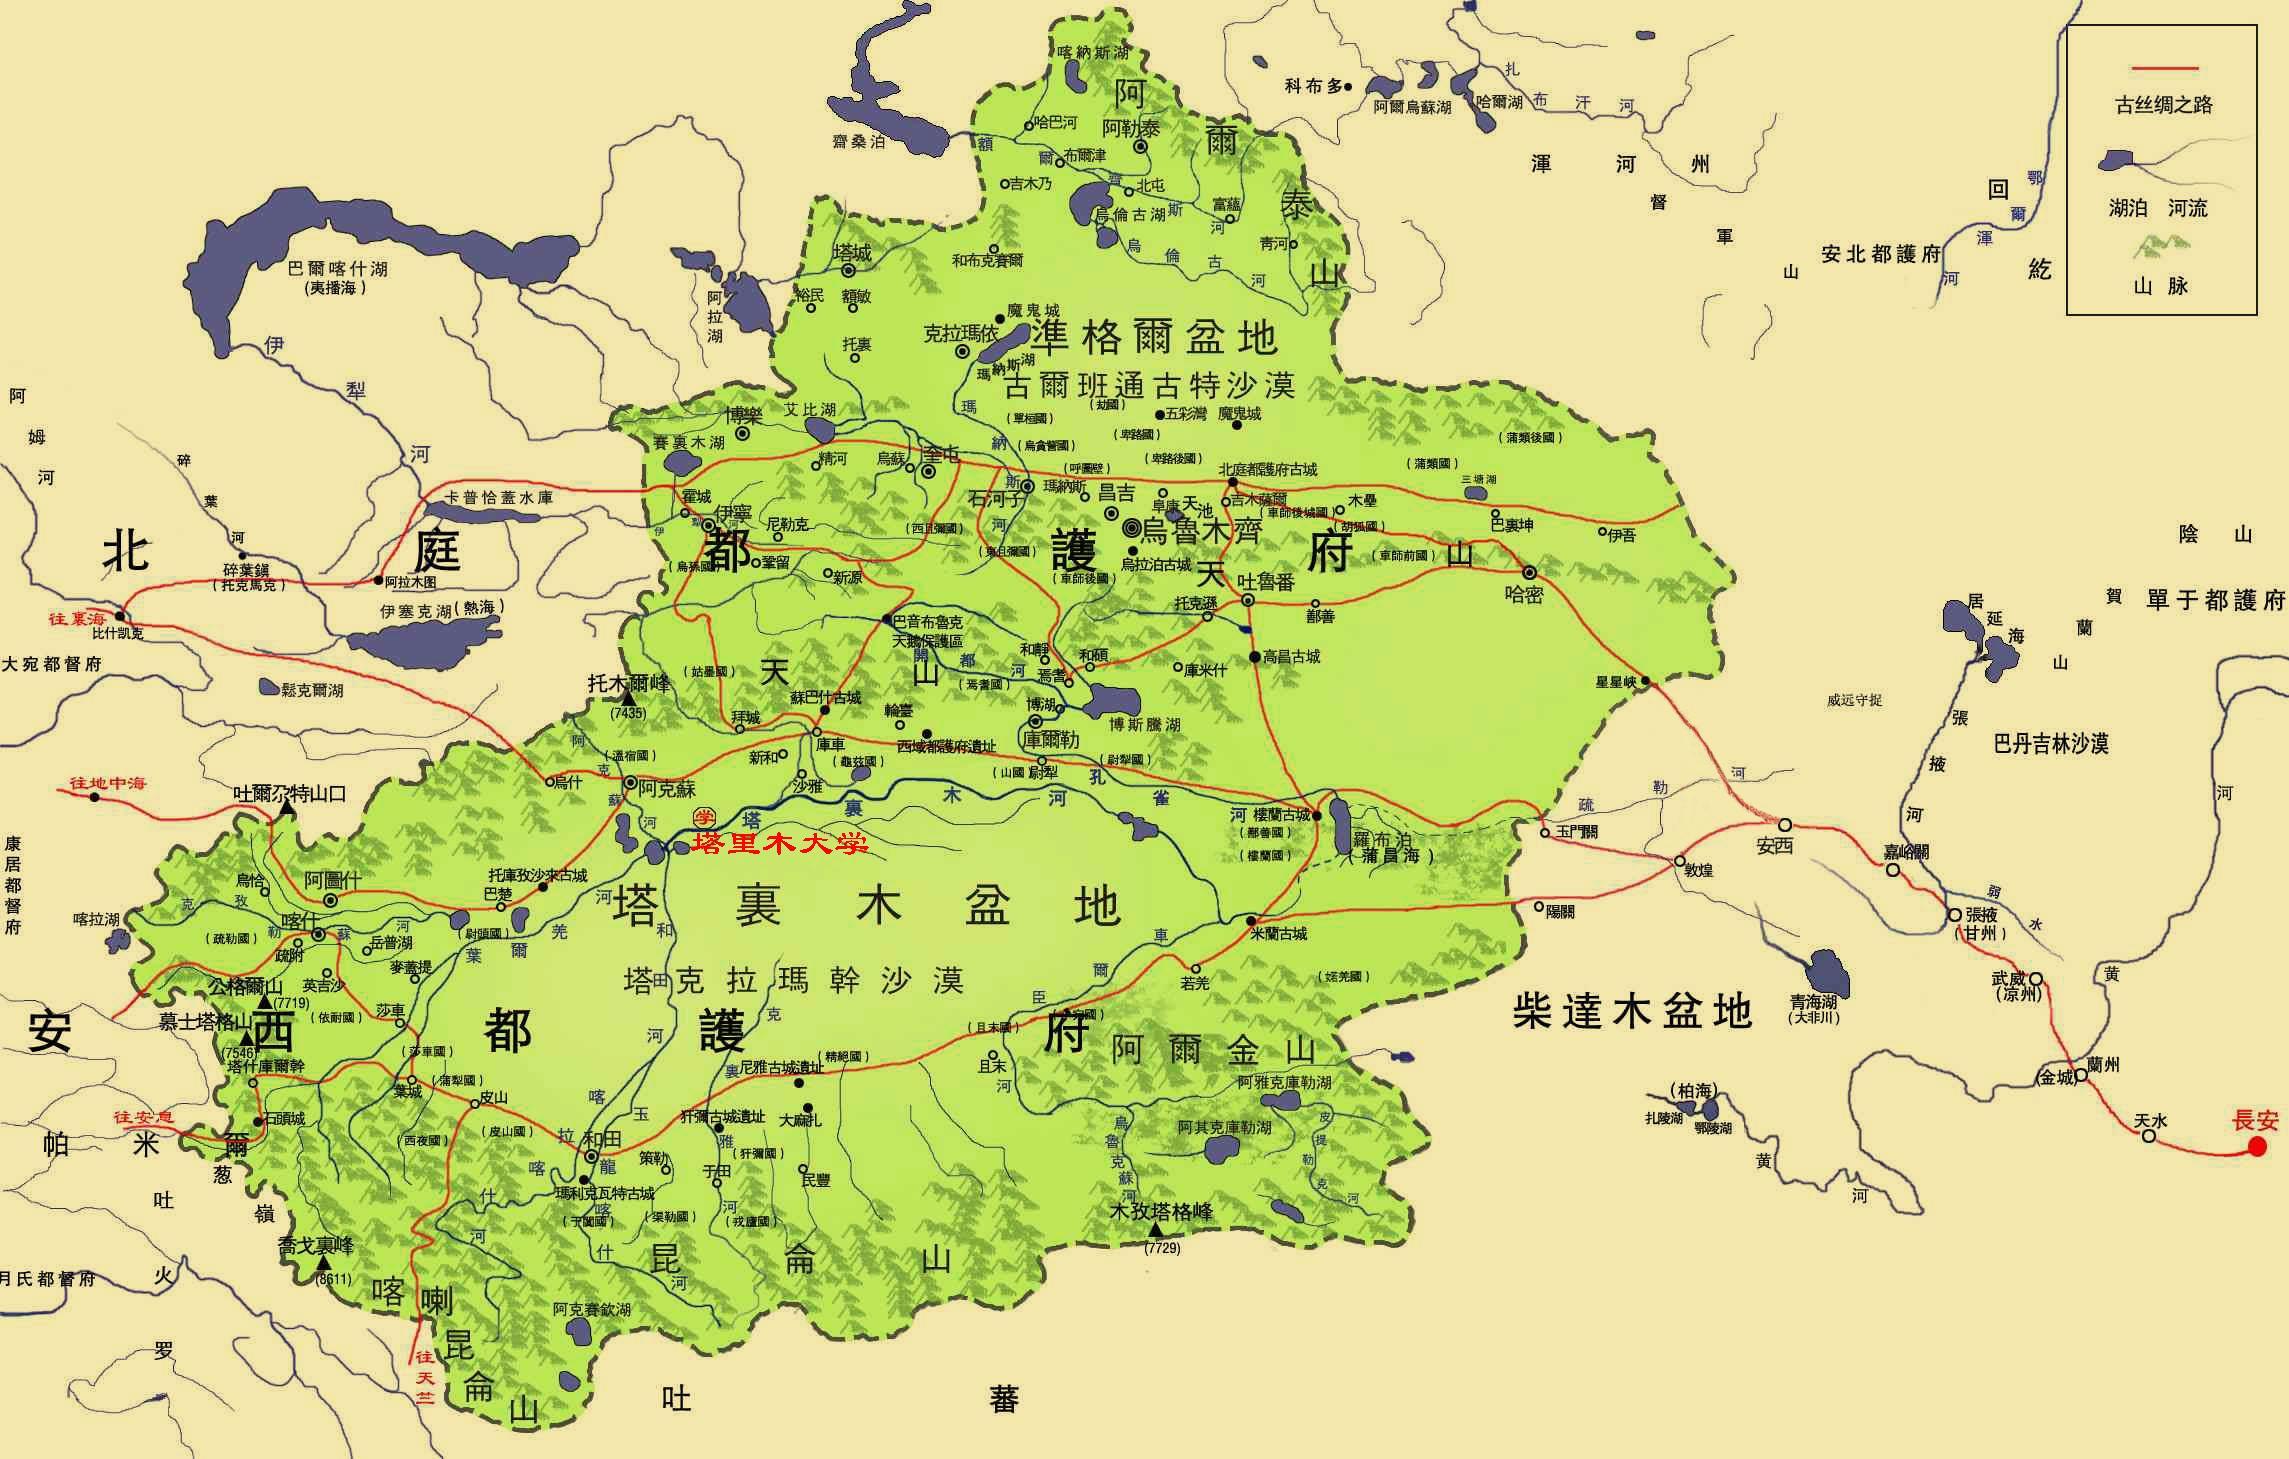 唐朝北漠地图